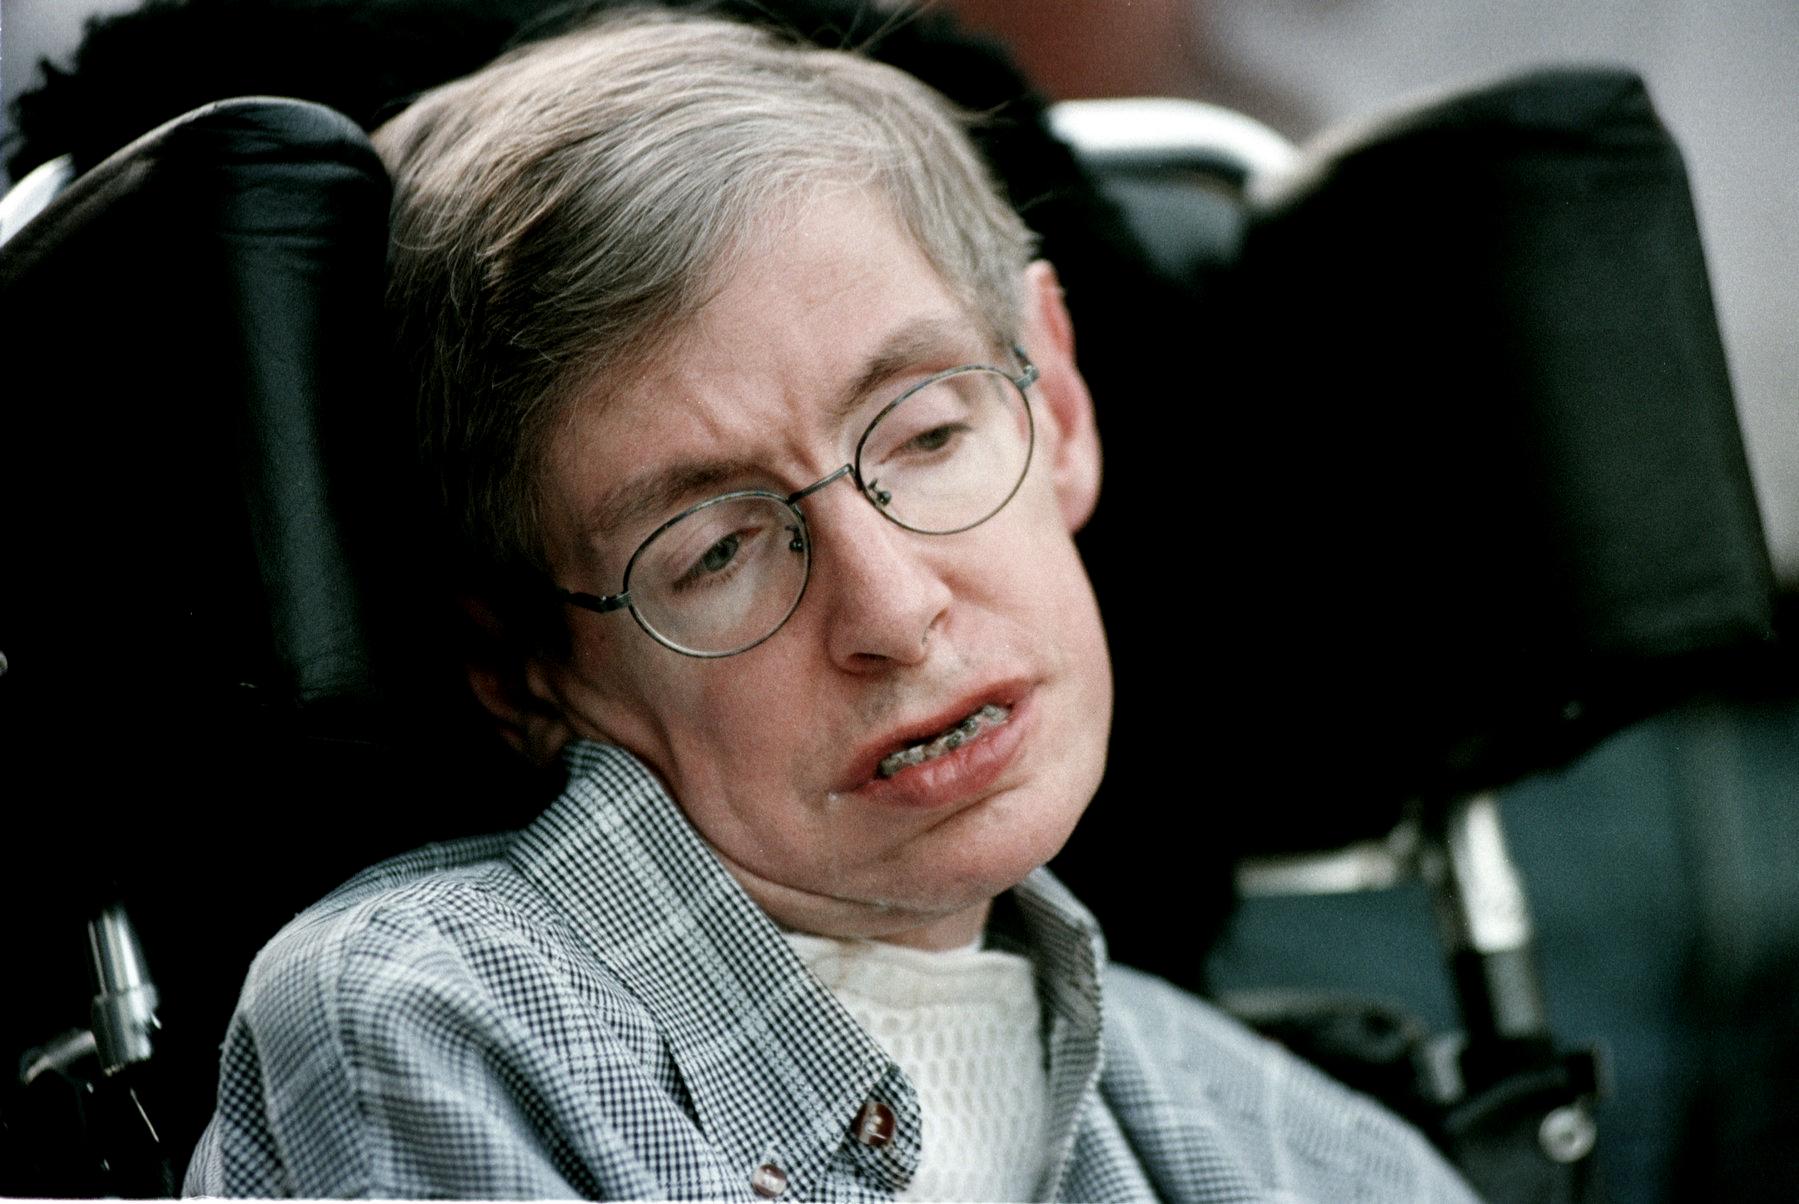 Naplní se poslední vzkaz Stephena Hawkinga? Prý nás zničí superlidé